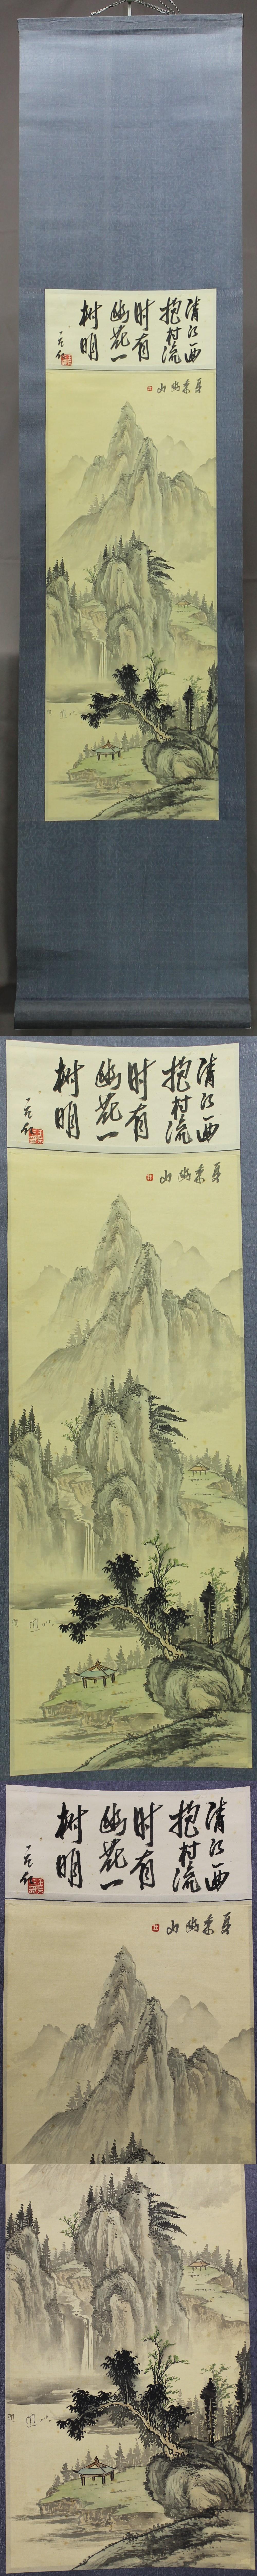 221軸桂林山水4本組3